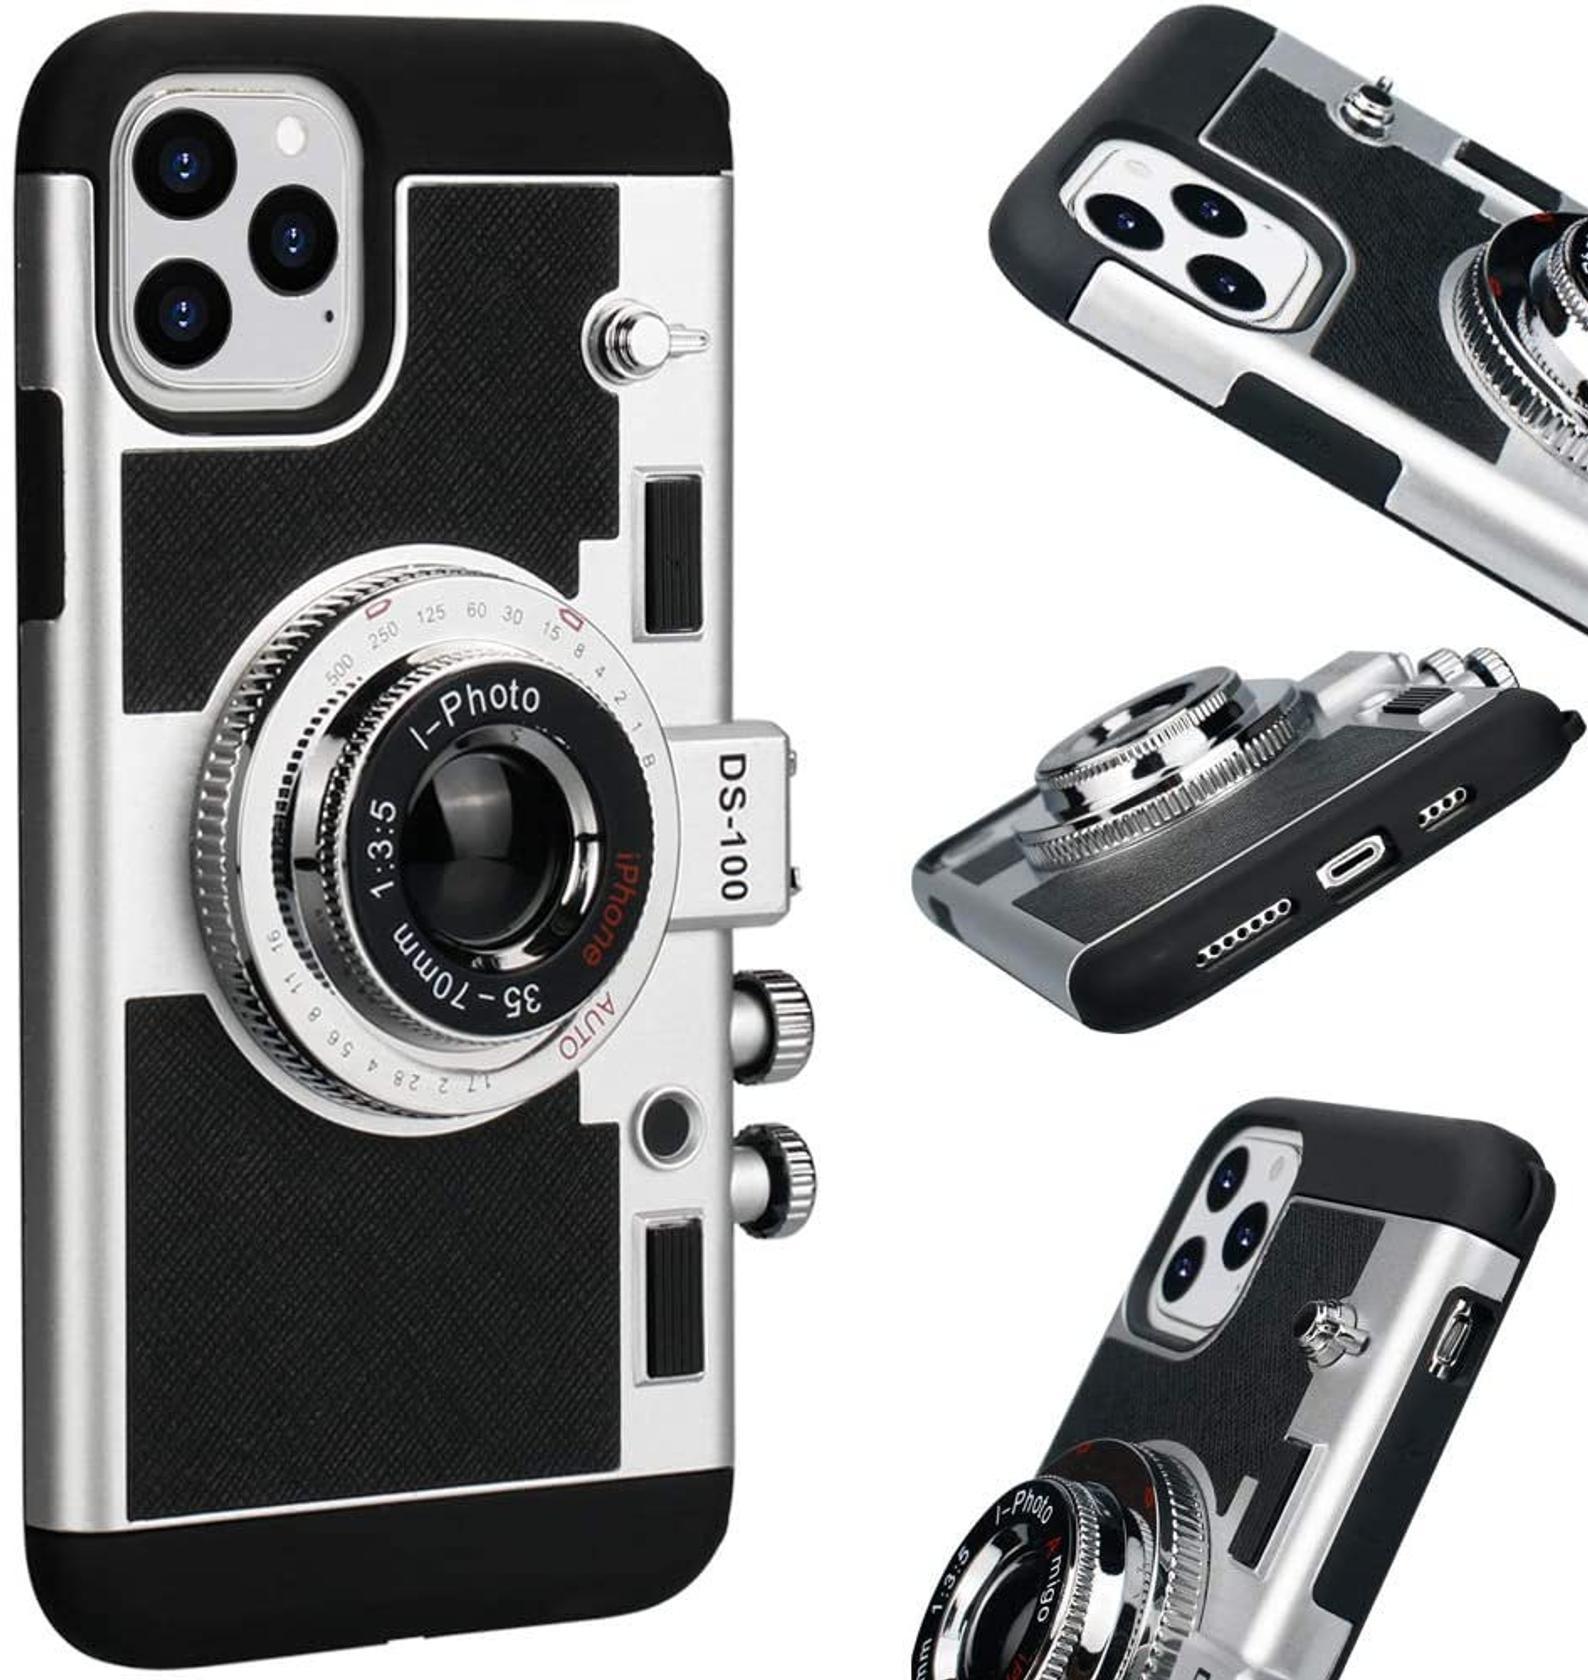 gizmon-ica-iphone-case